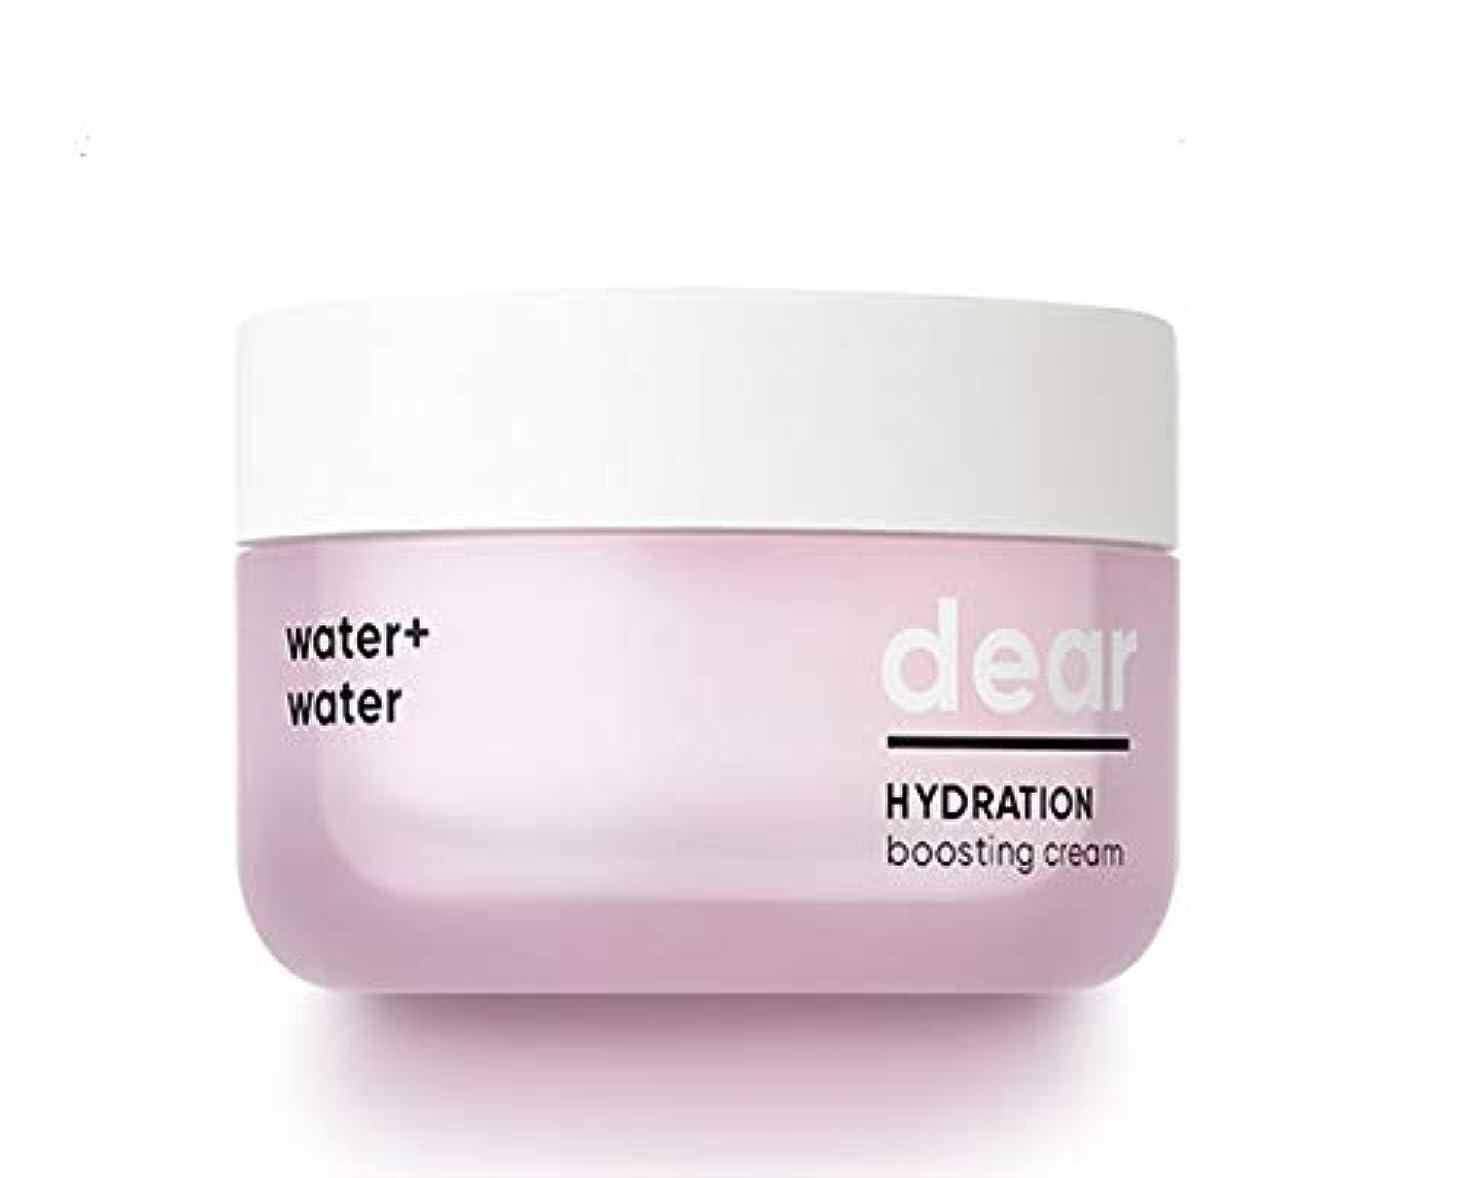 塗抹出身地驚き[New] BANILA CO dear Hydration Boosting Cream 50ml / (Banila co) パニルラ鼻ディアハイドゥレイションブースティングクリーム50ml [並行輸入品]